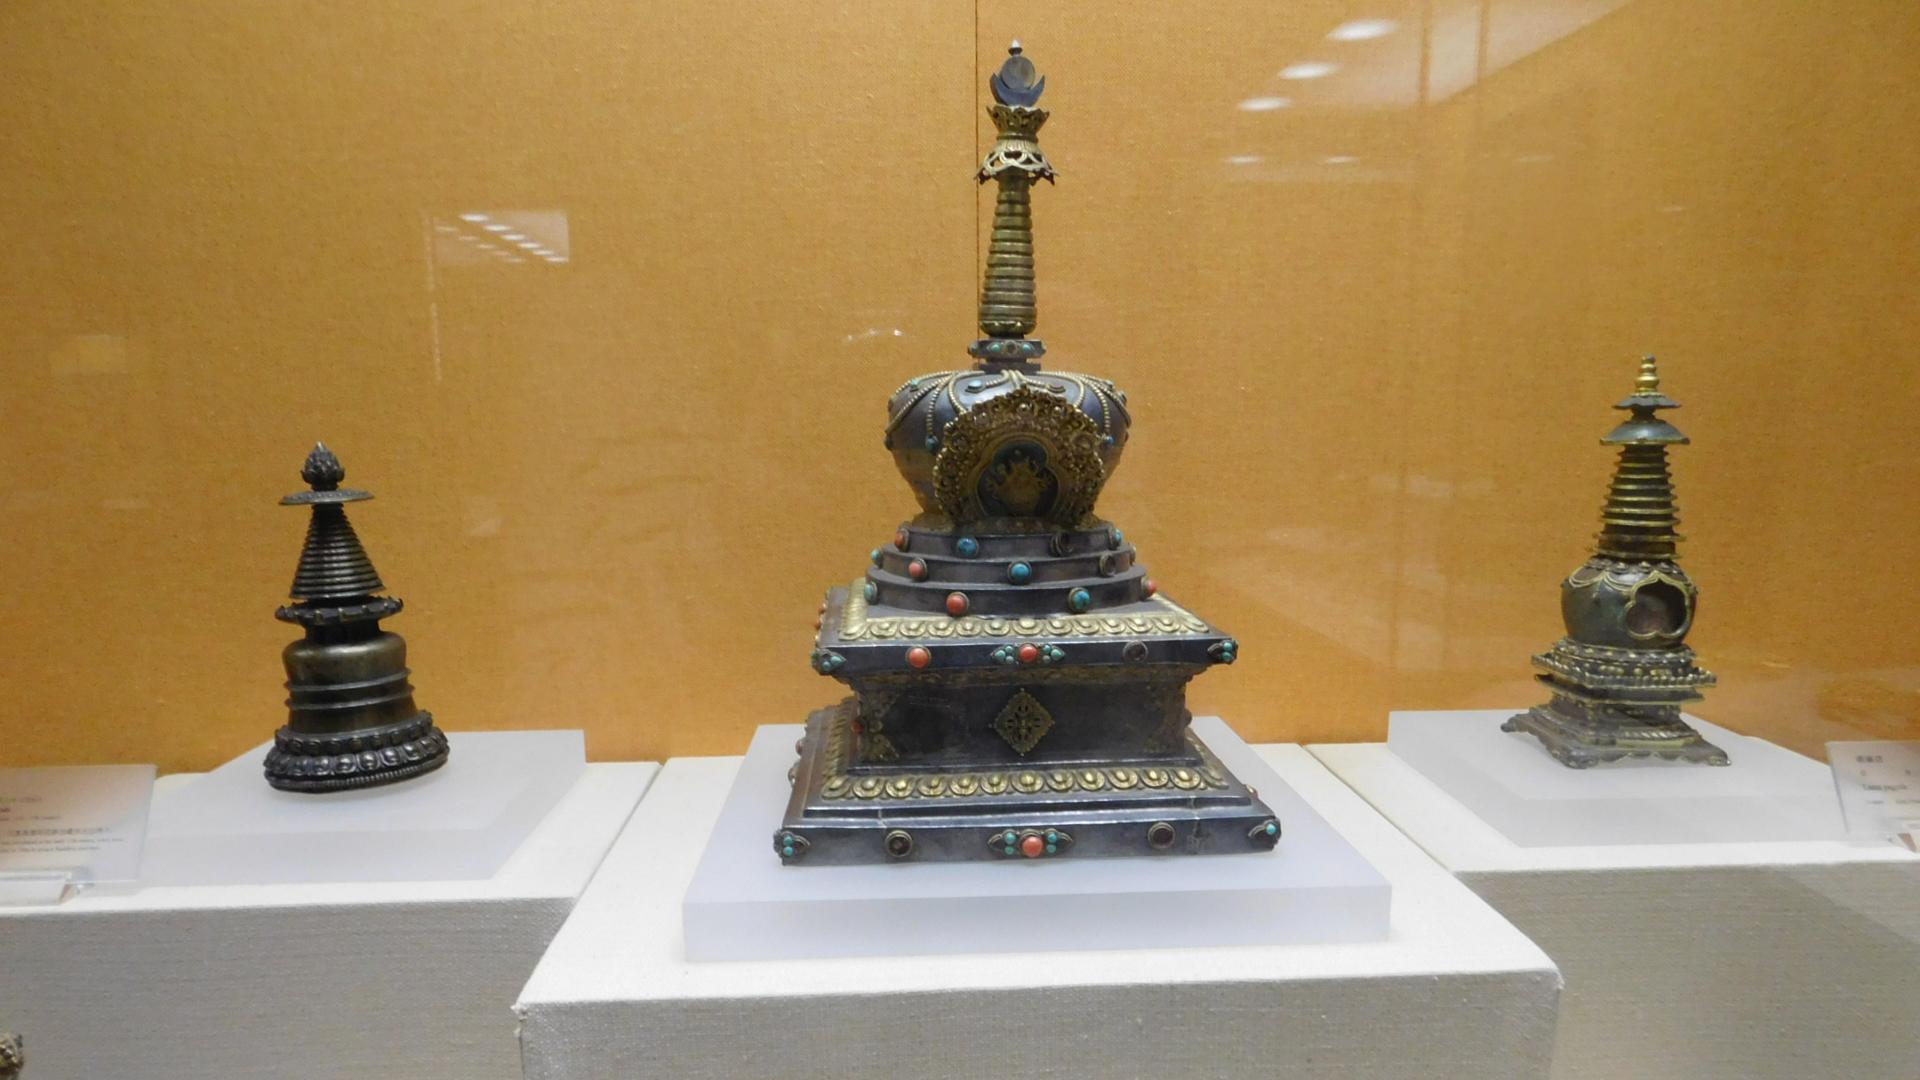 In den Hallen sind auch historische Kleidung und Artefakte ausgestellt